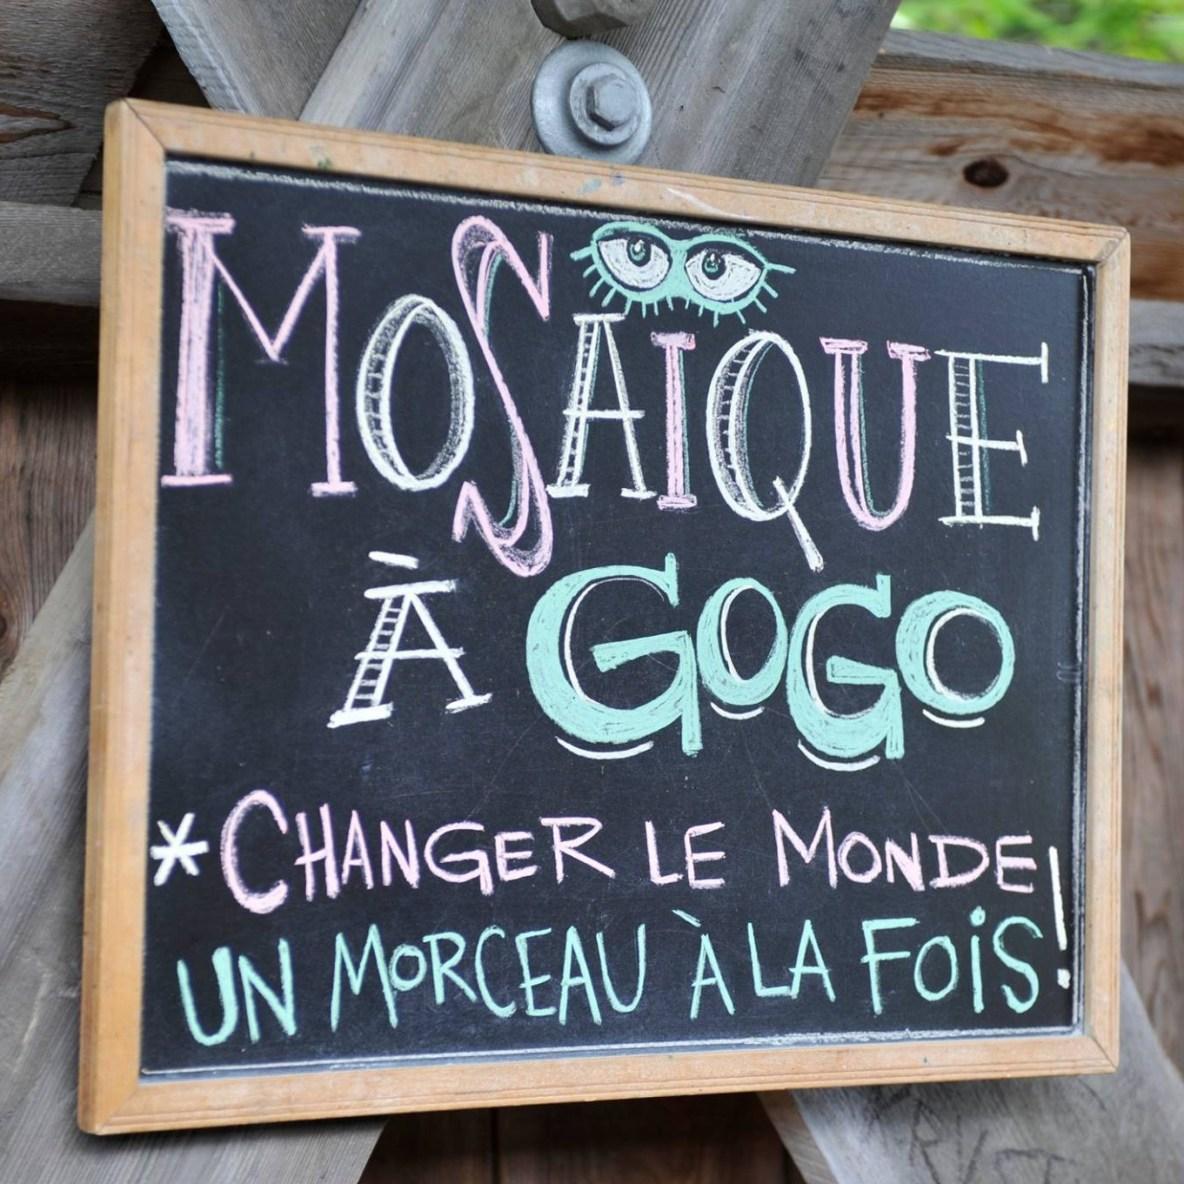 Mosaique à gogo/Isabelle Gauthier